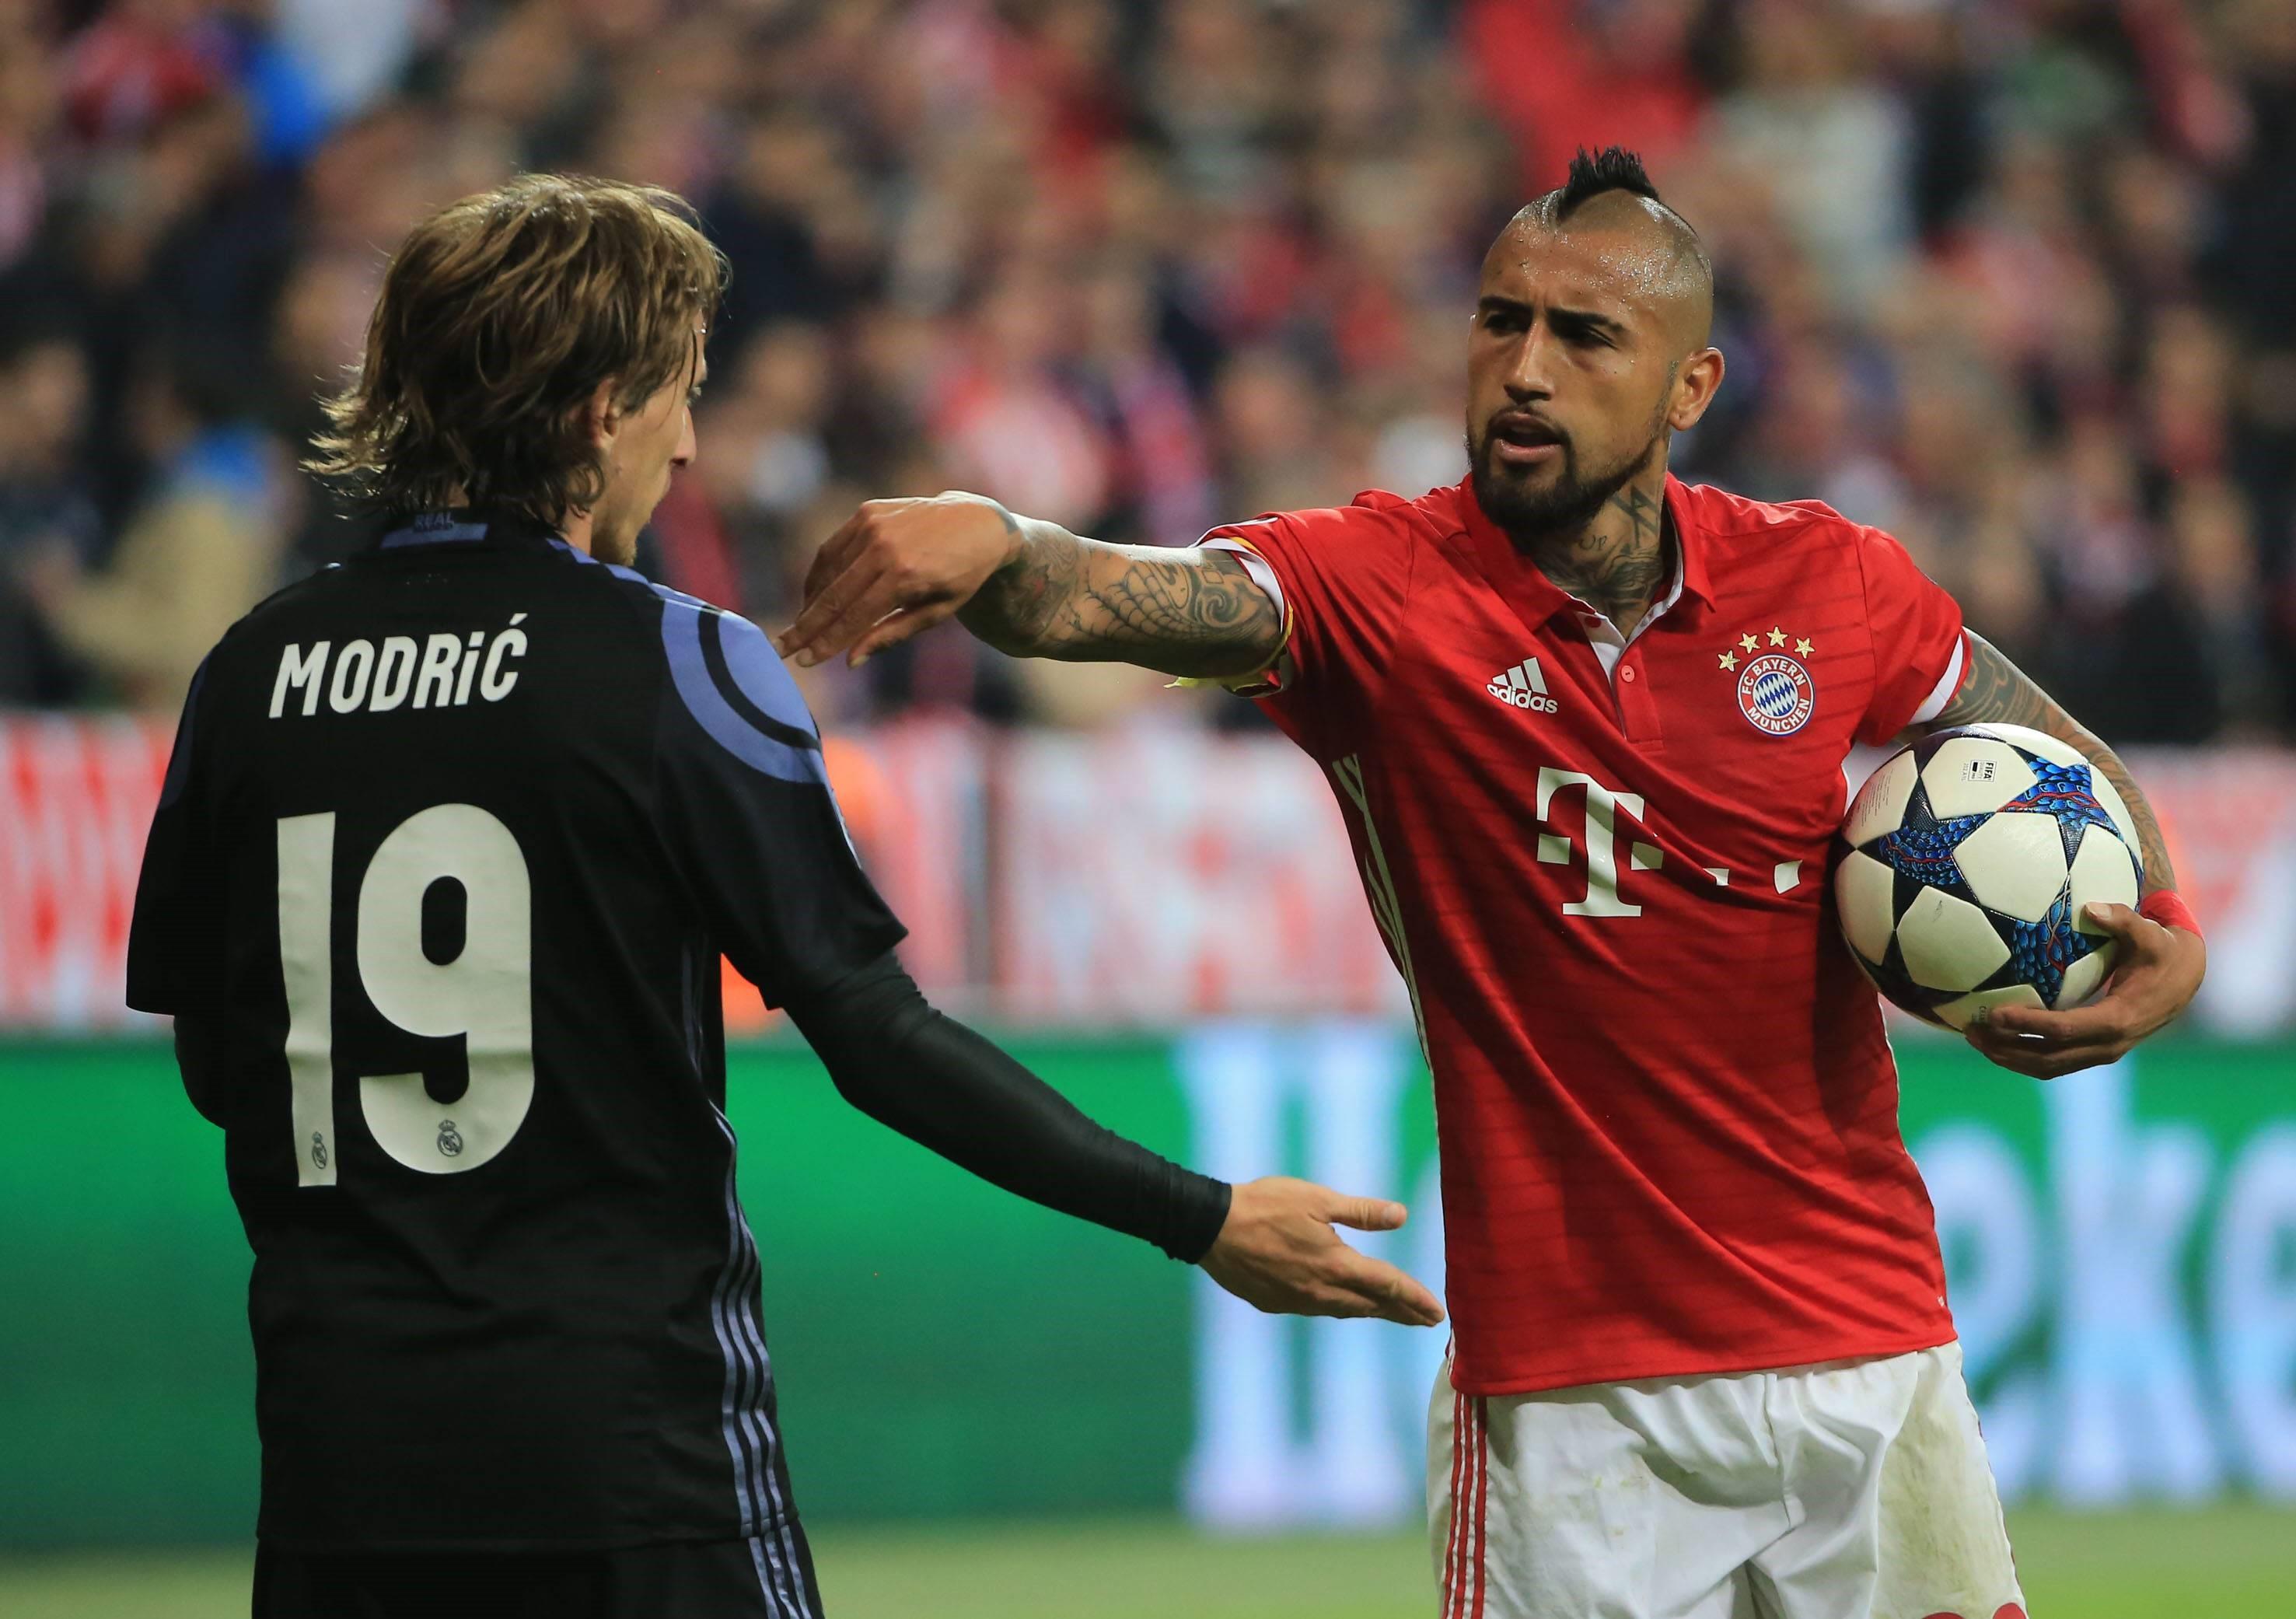 Лука Модрич против Артуро Видаля, «Реал» – «Бавария»